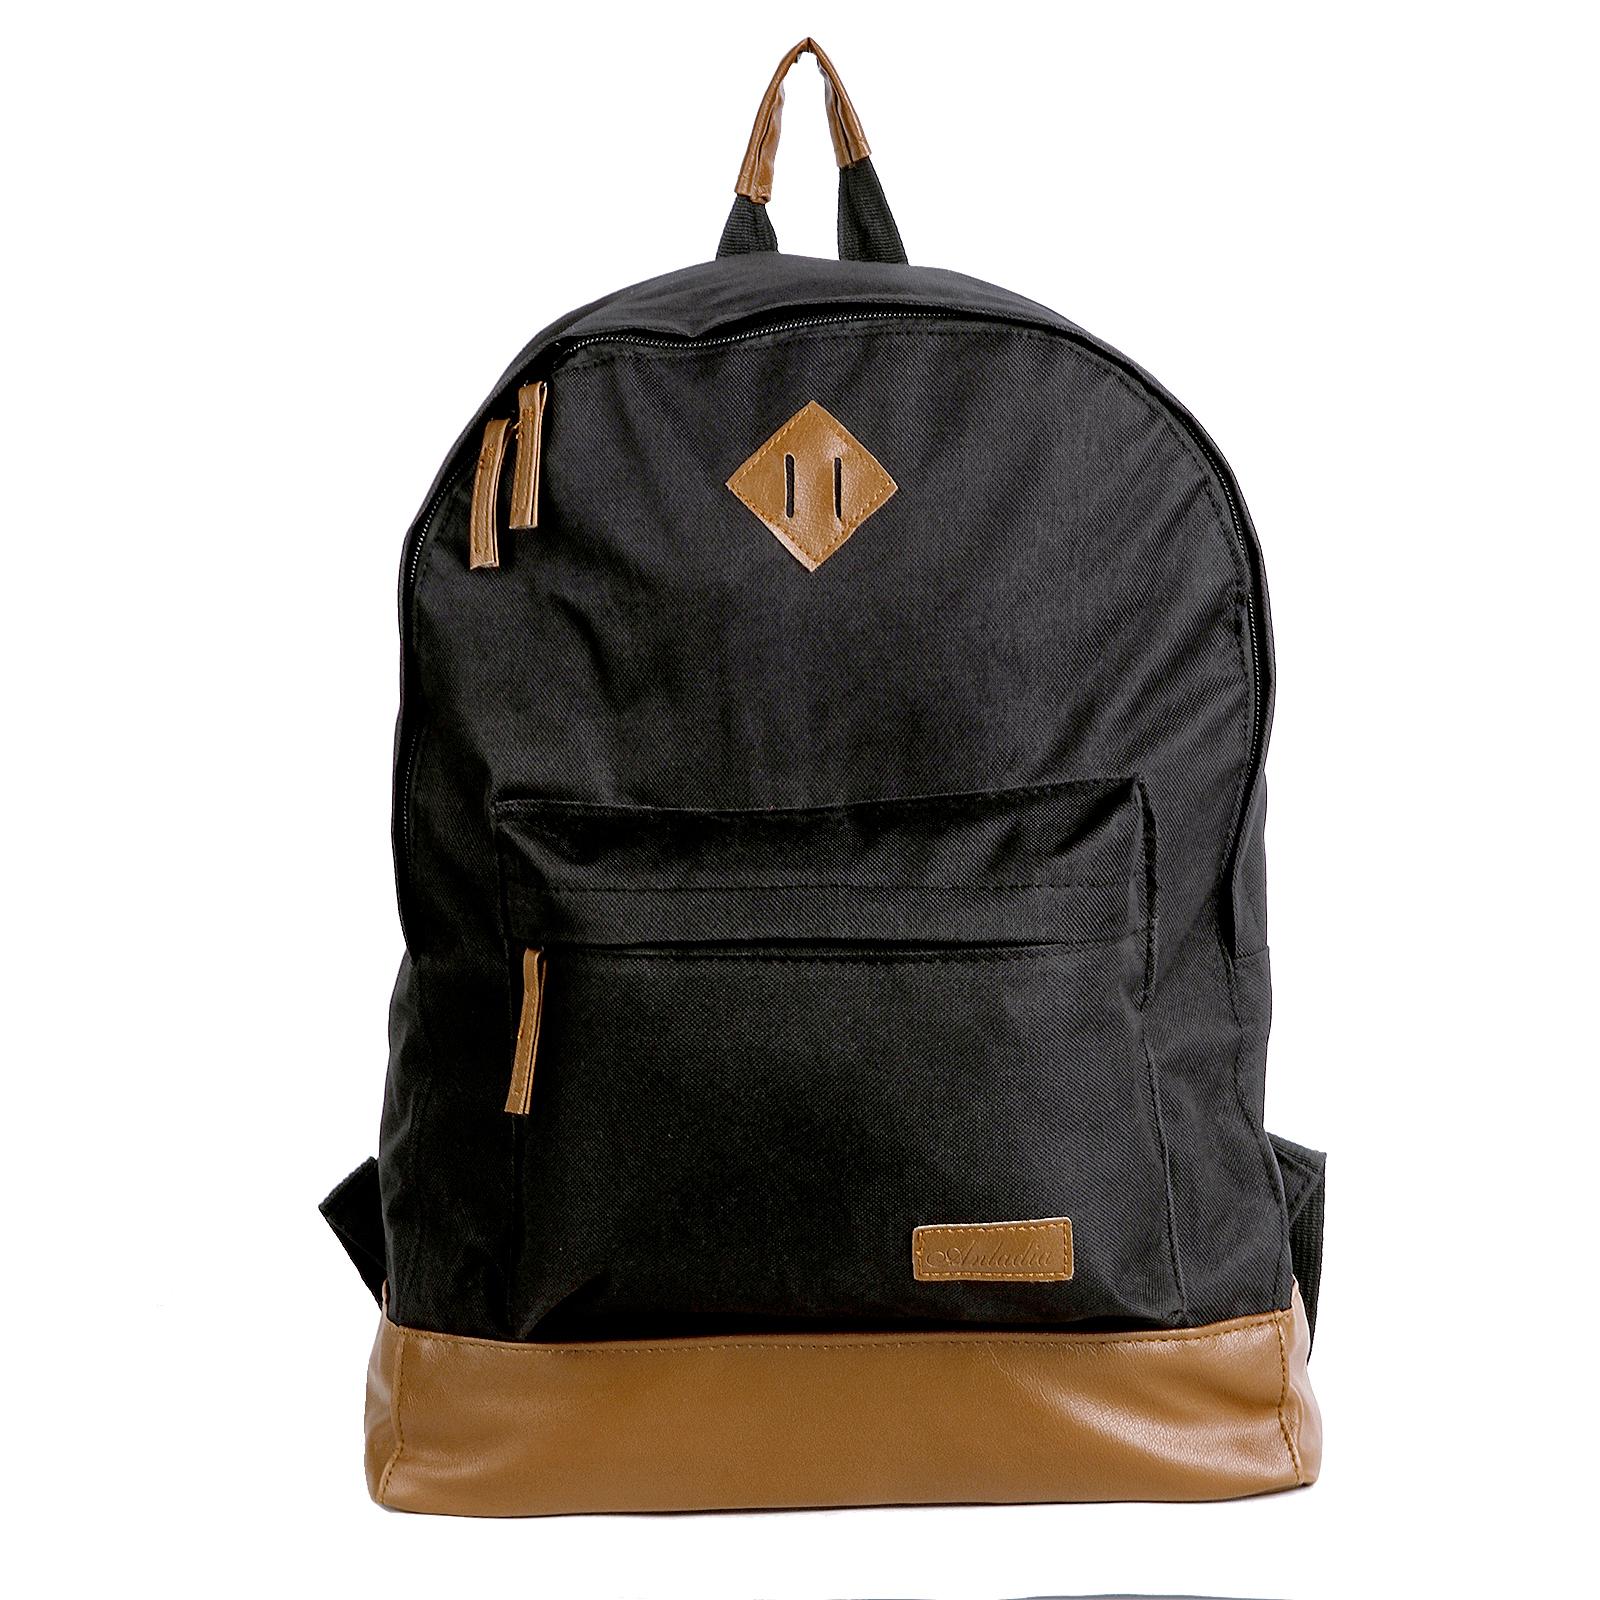 retro canvas backpack satchel rucksack school bag bookbag travel bag ebay. Black Bedroom Furniture Sets. Home Design Ideas